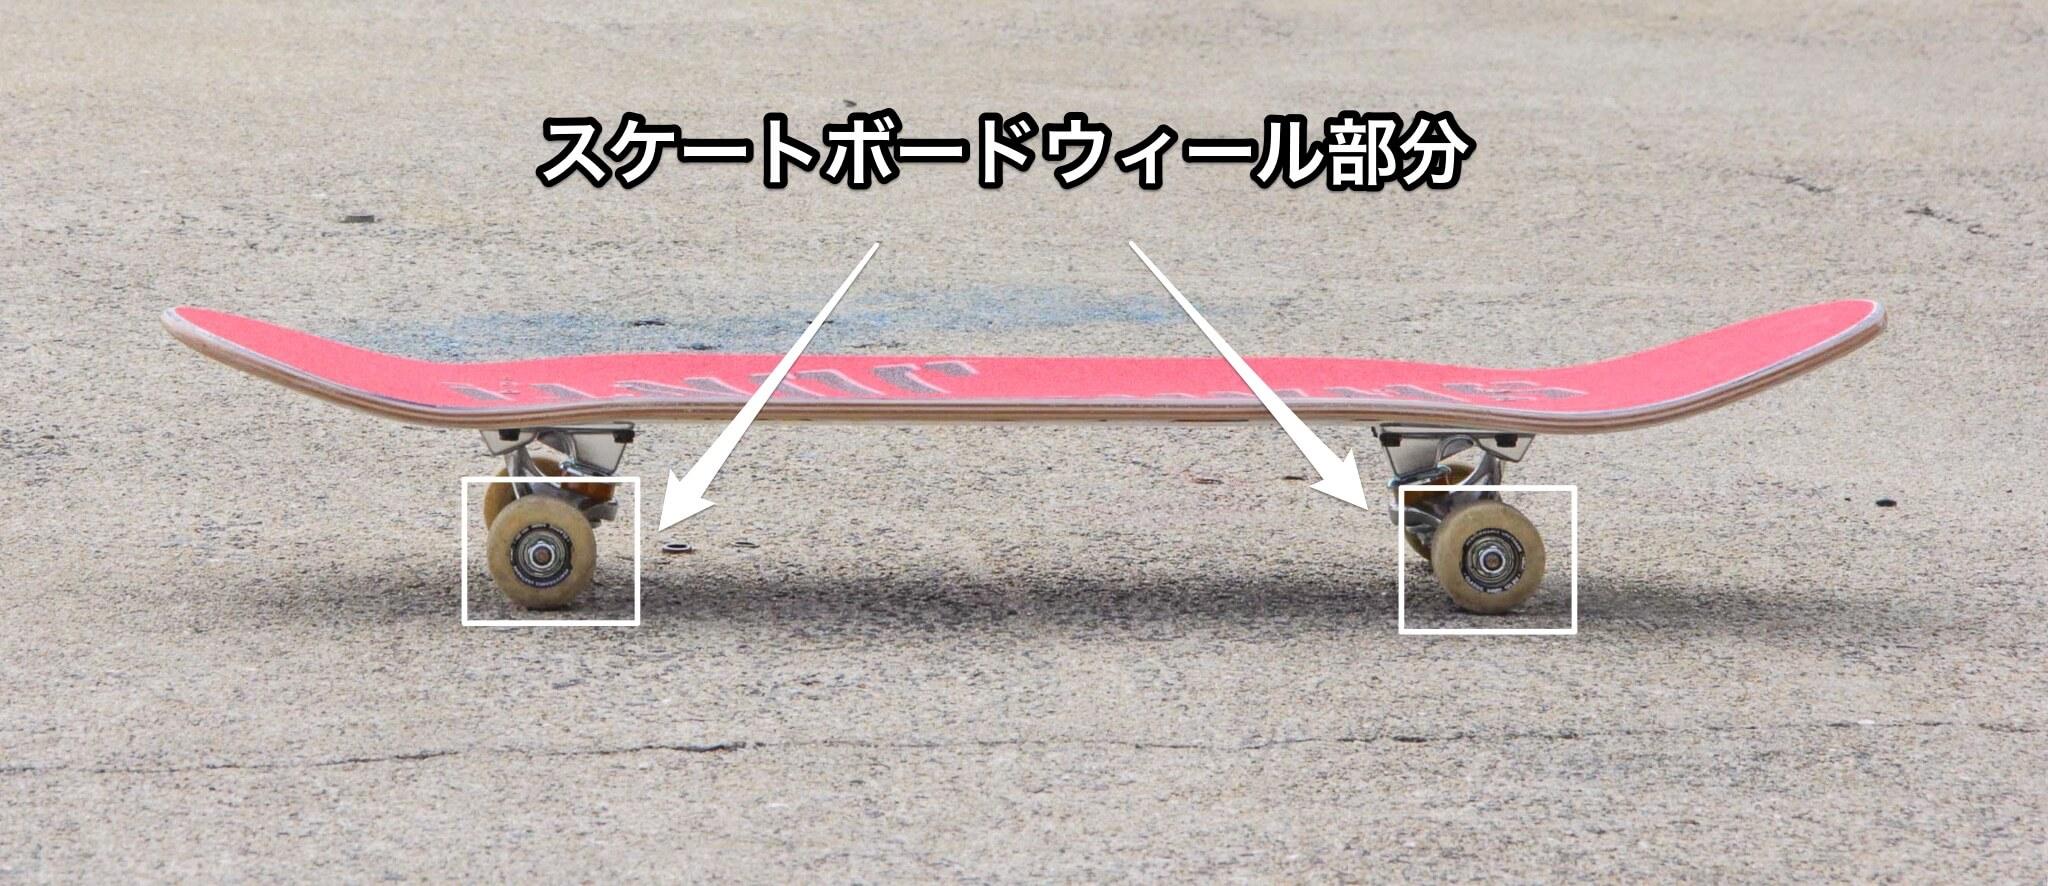 スケートボードのウィール部分の写真